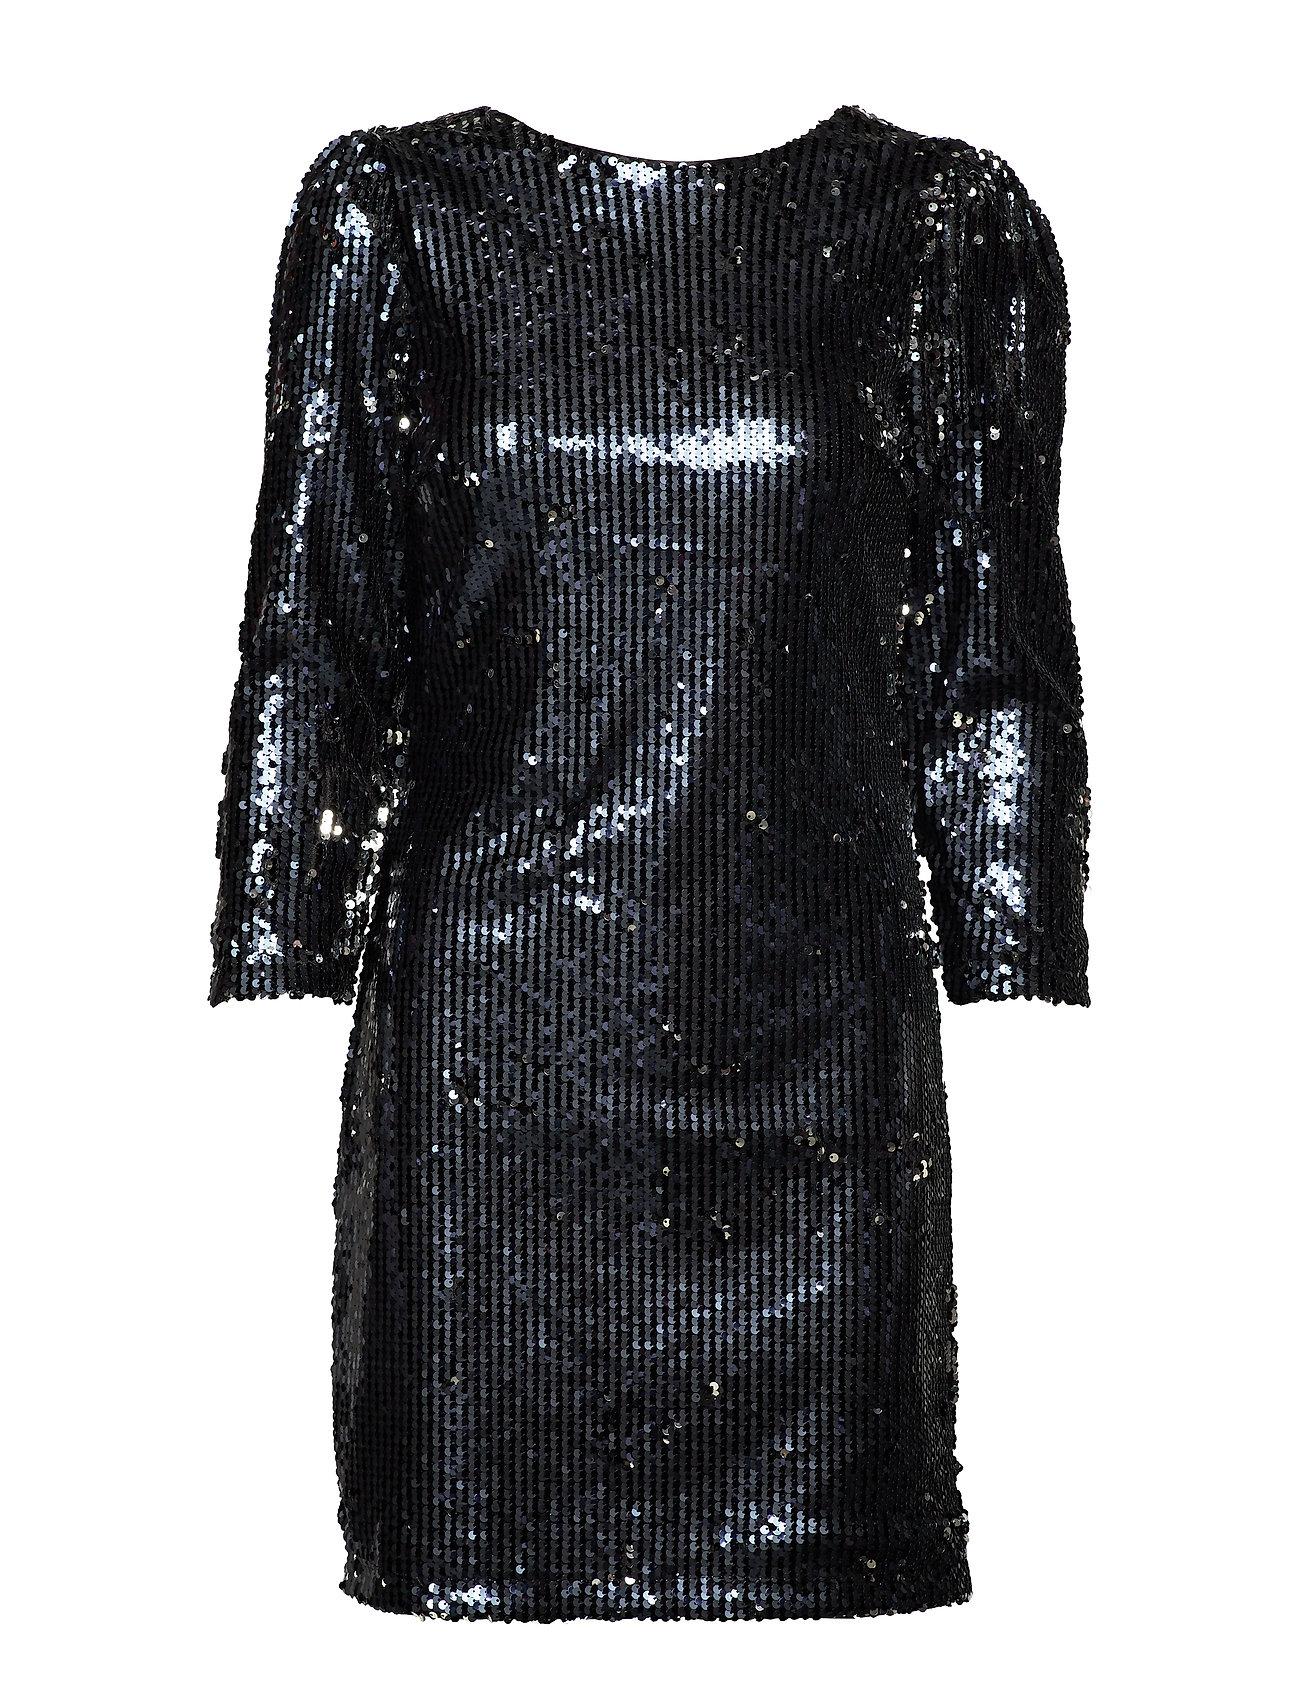 YAS YASBETTE 7/8 DRESS - SHOW - BLACK